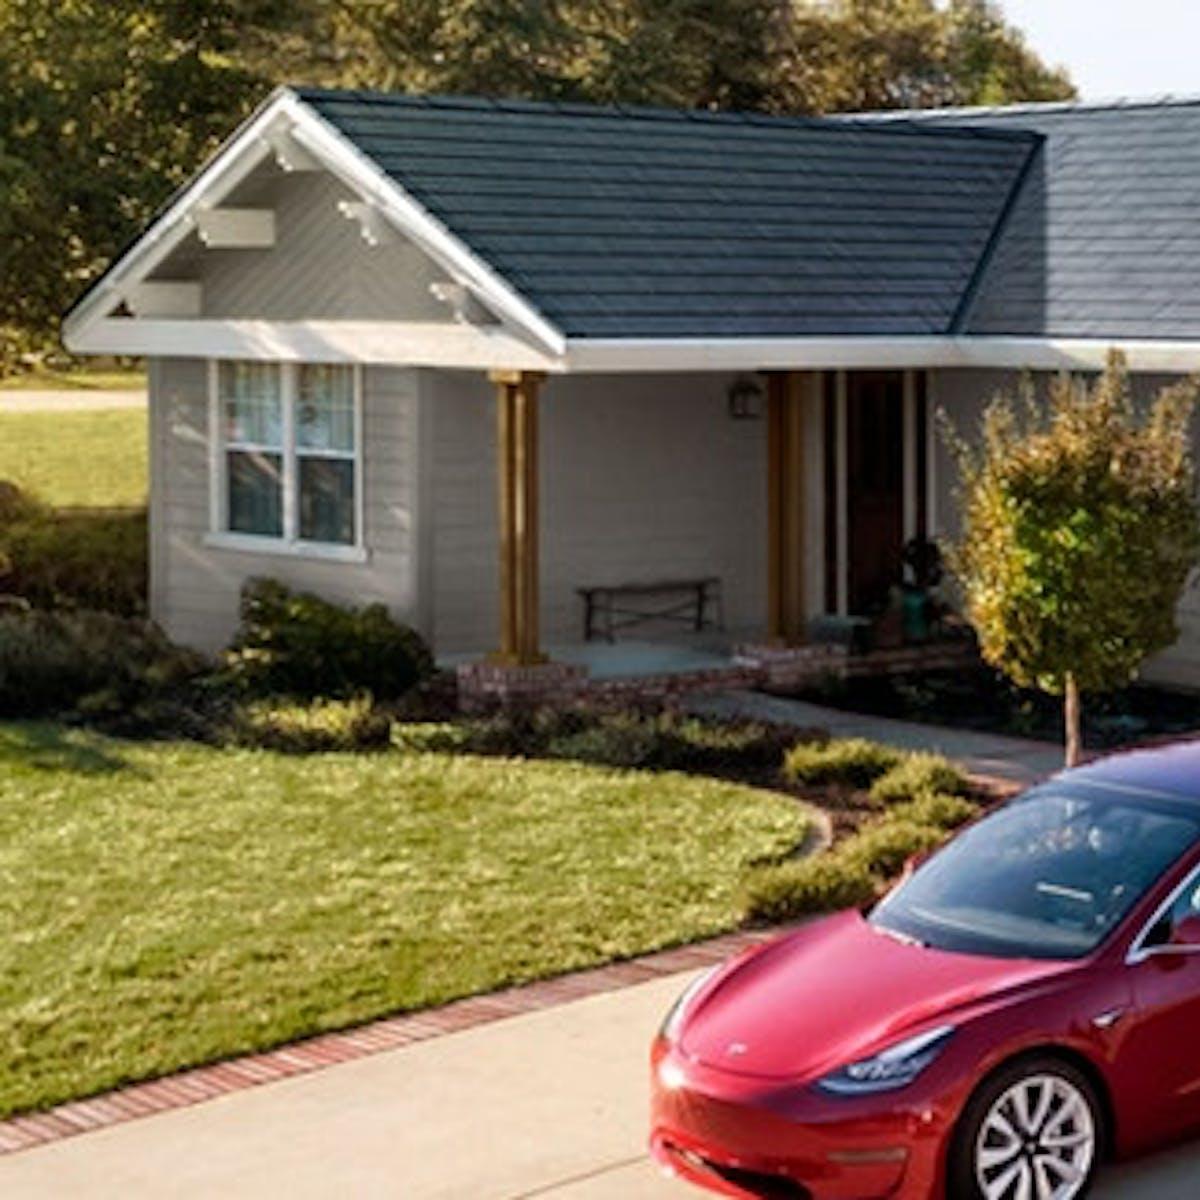 Musk Reads: Tesla Solar Roof V3 arrives